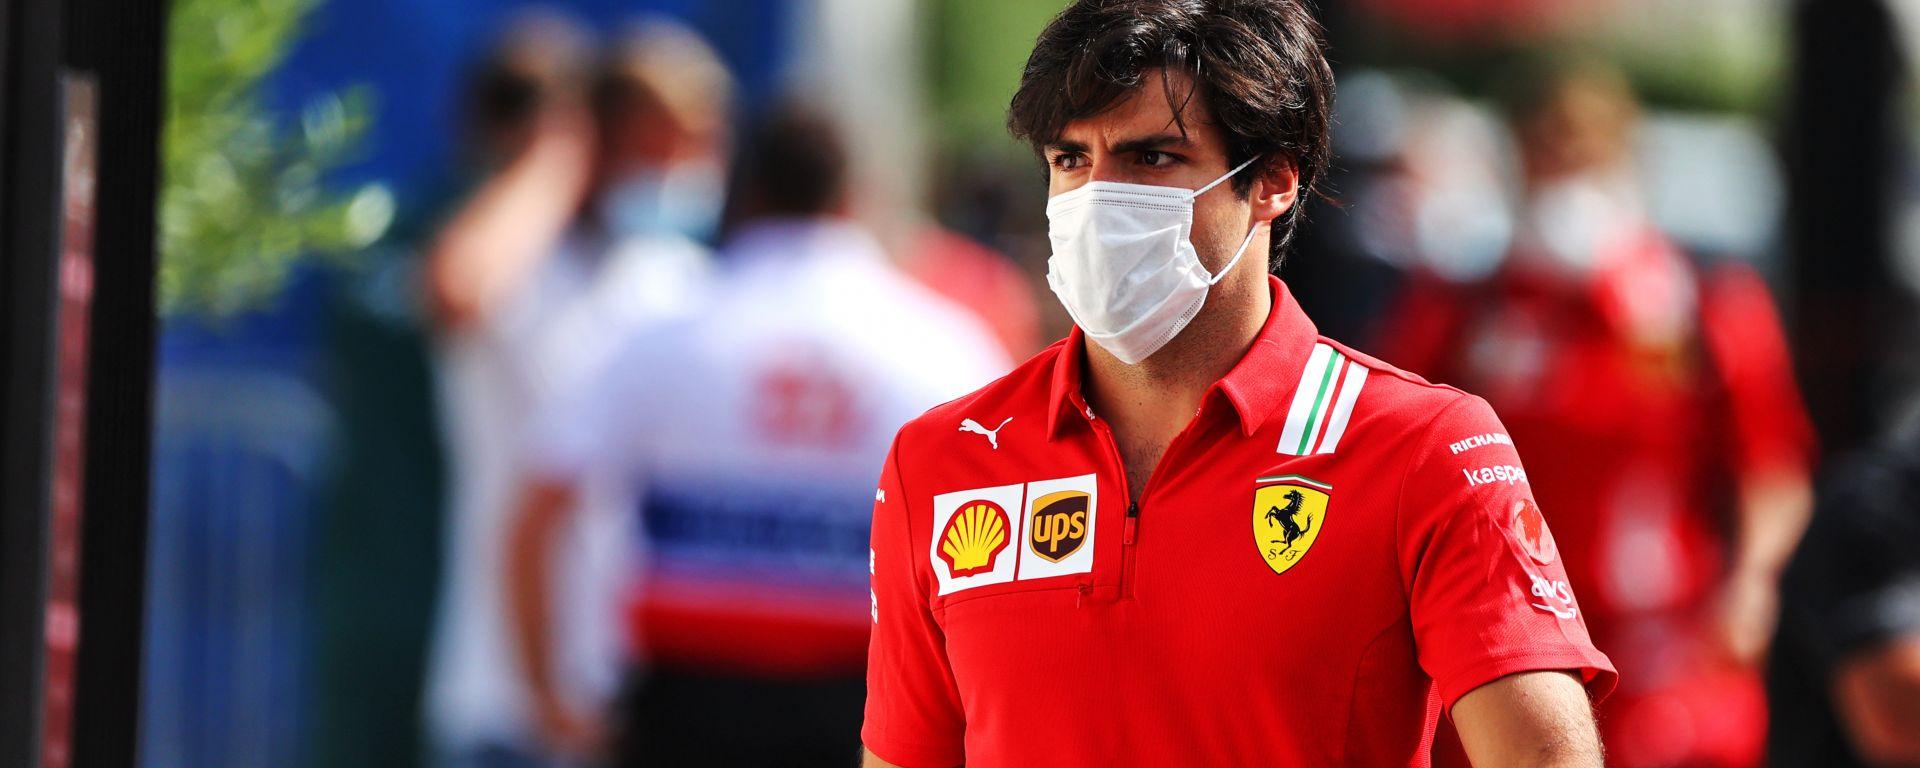 F1 2021: Carlos Sainz (Scuderia Ferrari) nel paddock